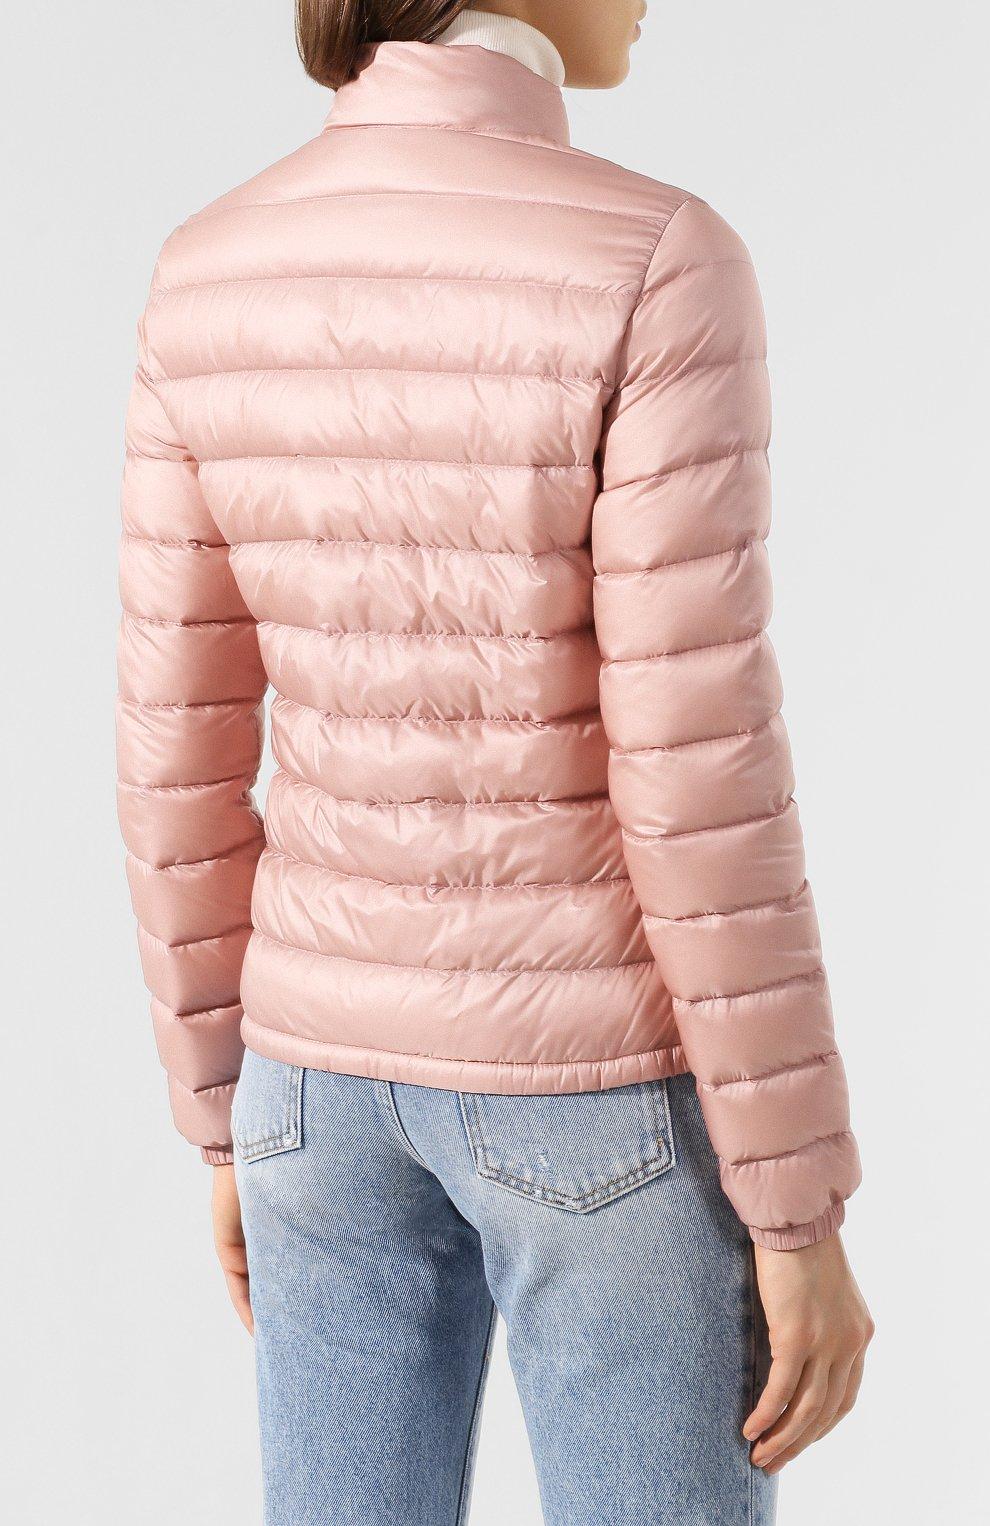 Женский пуховая куртка lans MONCLER розового цвета, арт. F1-093-1A101-00-53048 | Фото 4 (Кросс-КТ: Куртка, Пуховик; Рукава: Длинные; Женское Кросс-КТ: Пуховик-куртка; Материал внешний: Синтетический материал; Материал подклада: Синтетический материал; Длина (верхняя одежда): Короткие; Материал утеплителя: Пух и перо)